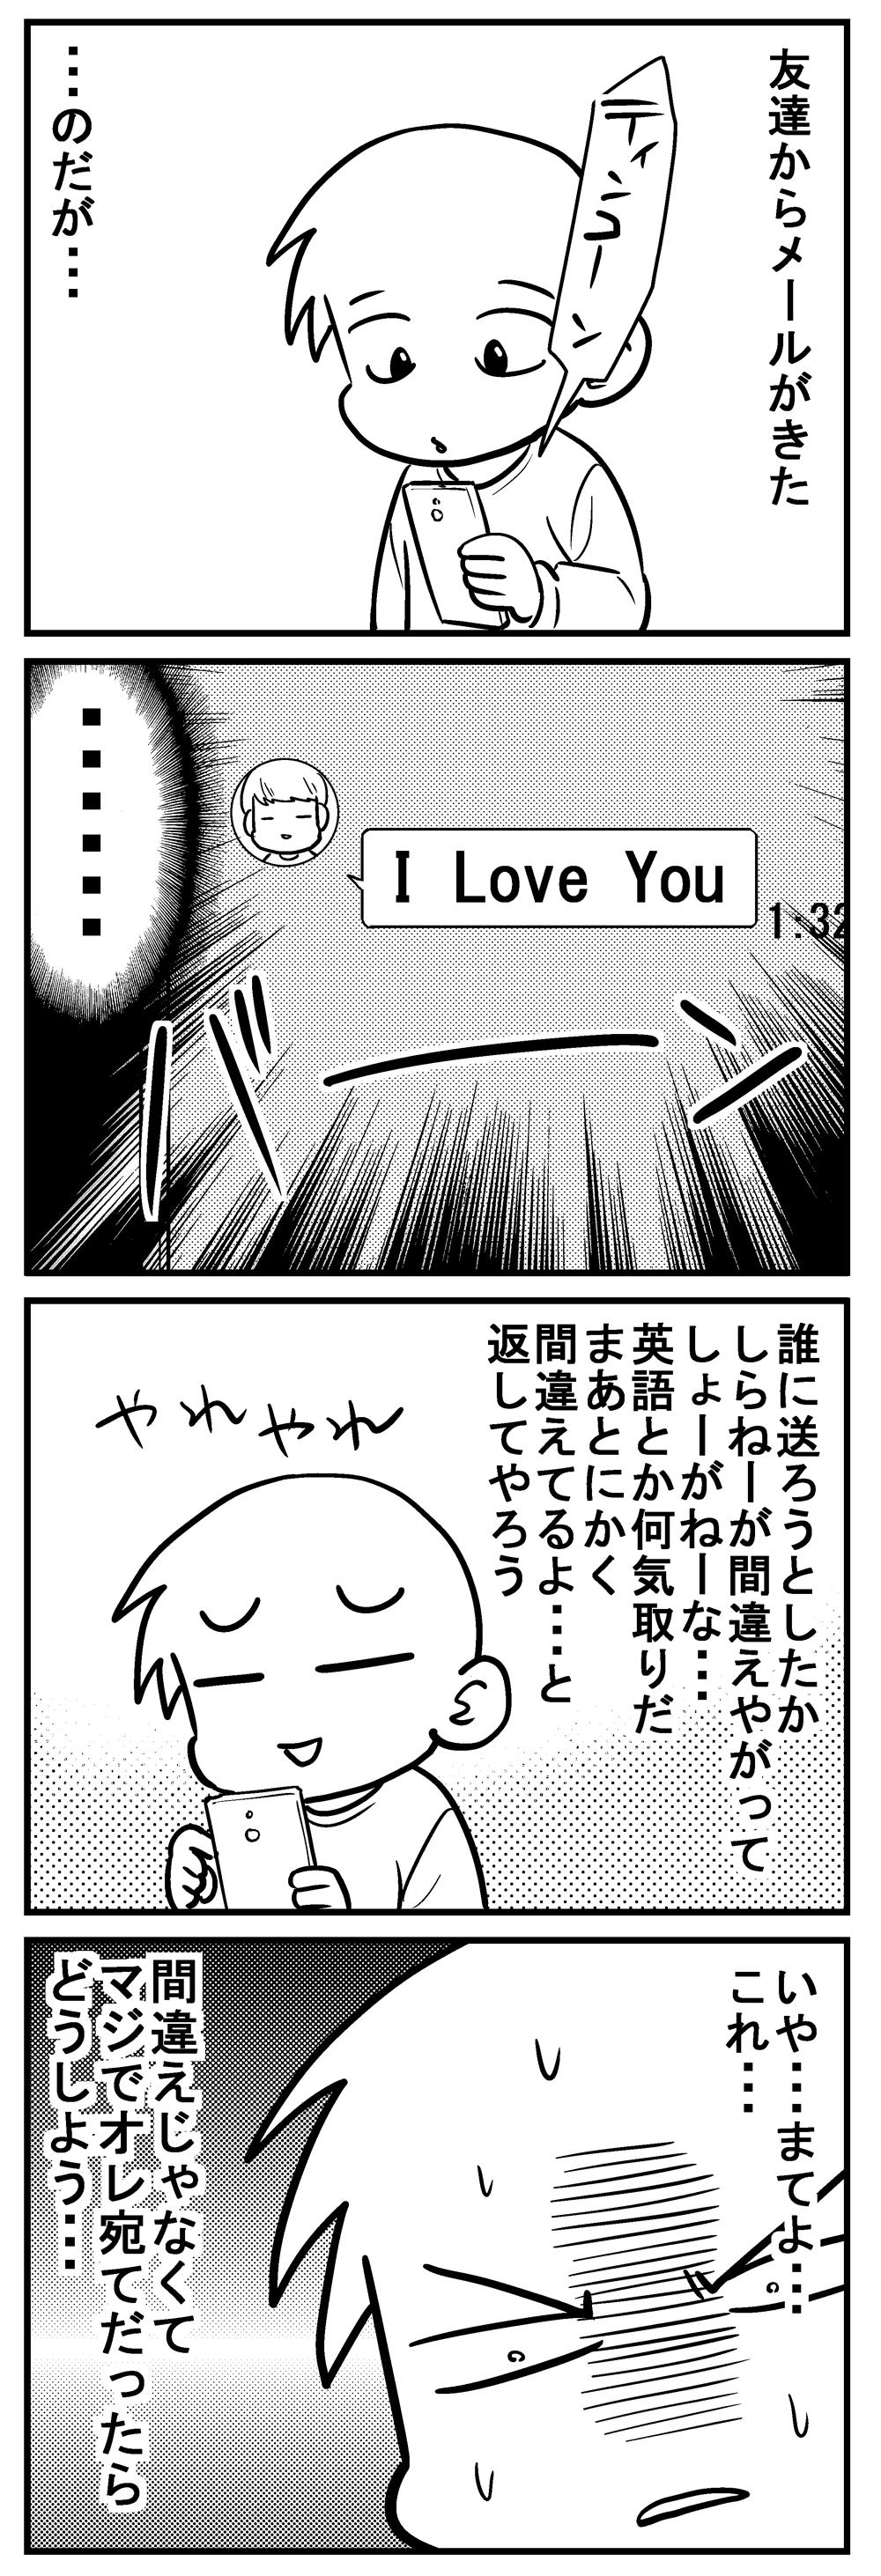 深読みくん136 1